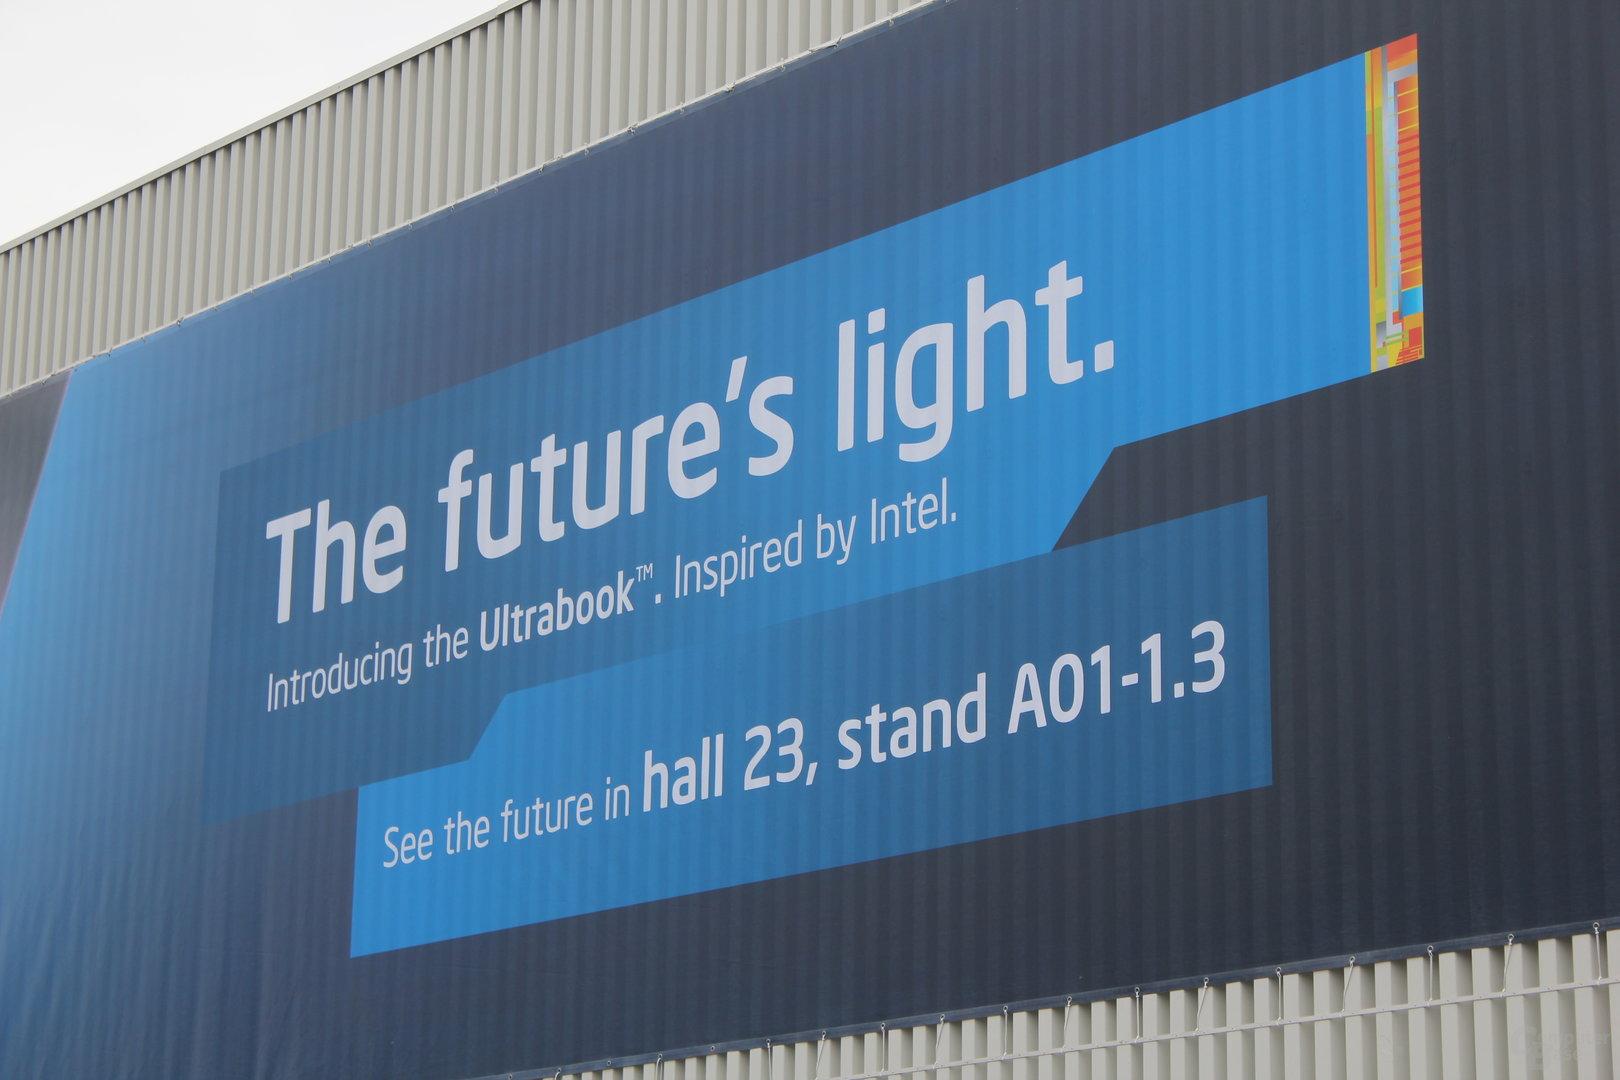 Intel rührt die Ultrabook-Werbetrommel